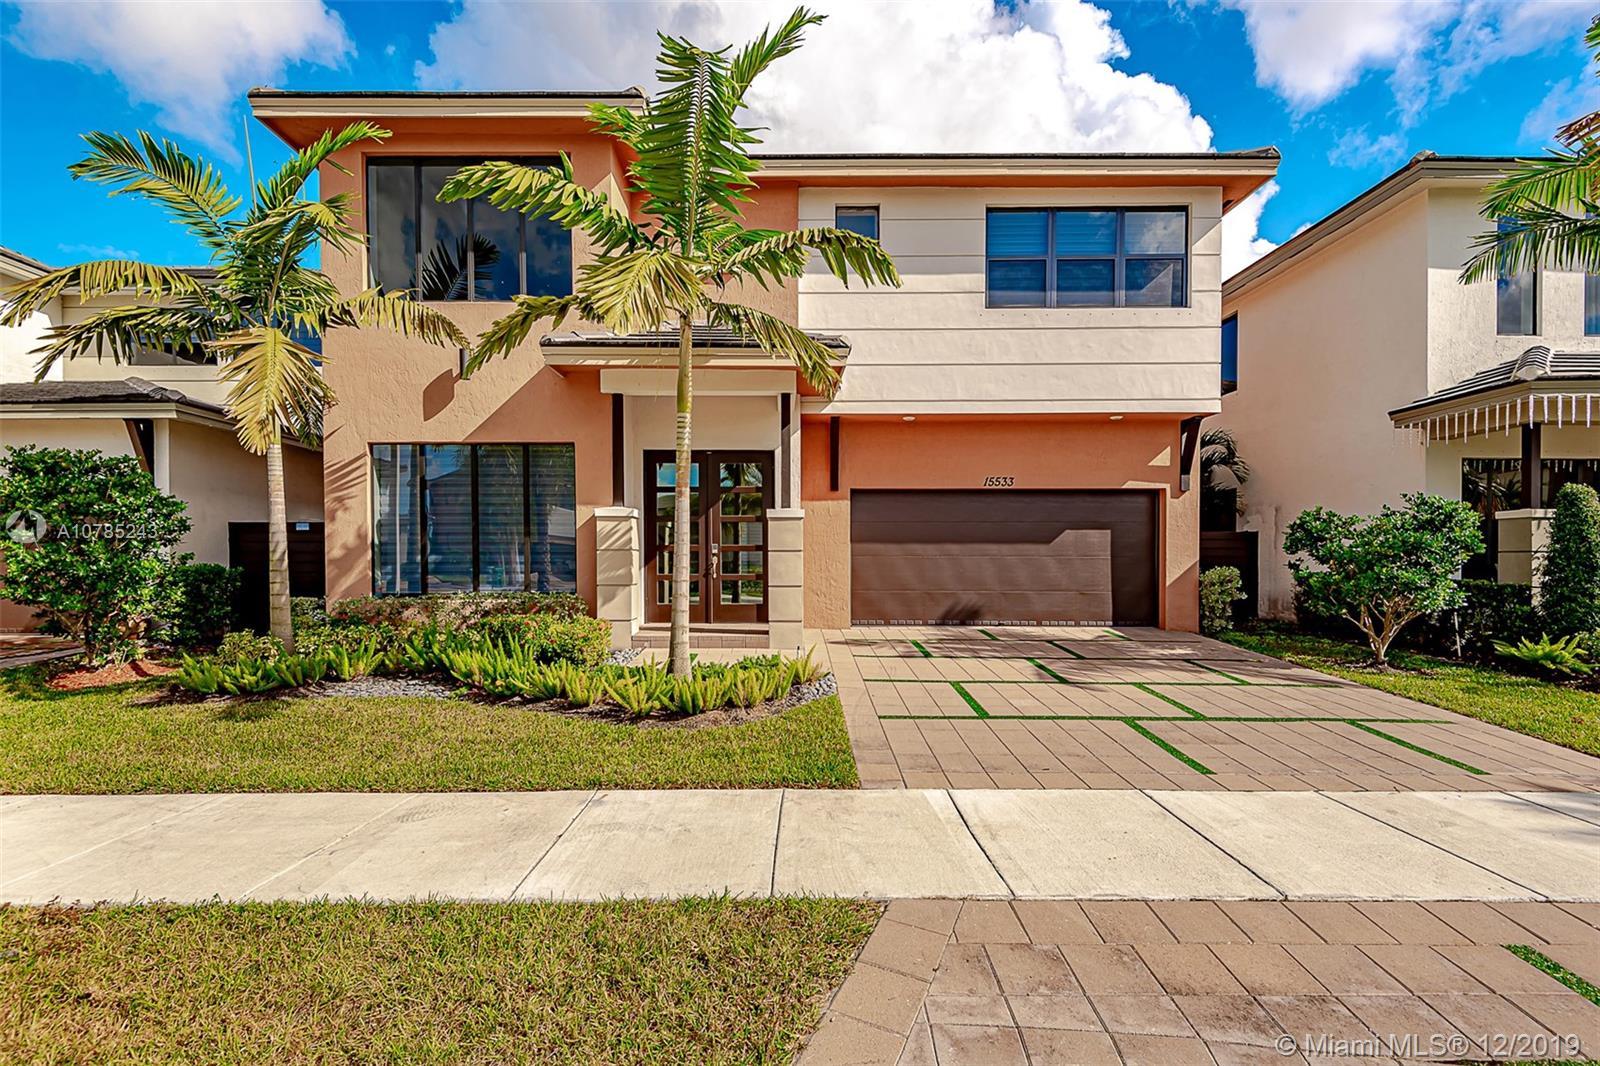 15533 NW 88 ave, Miami Lakes, FL 33018